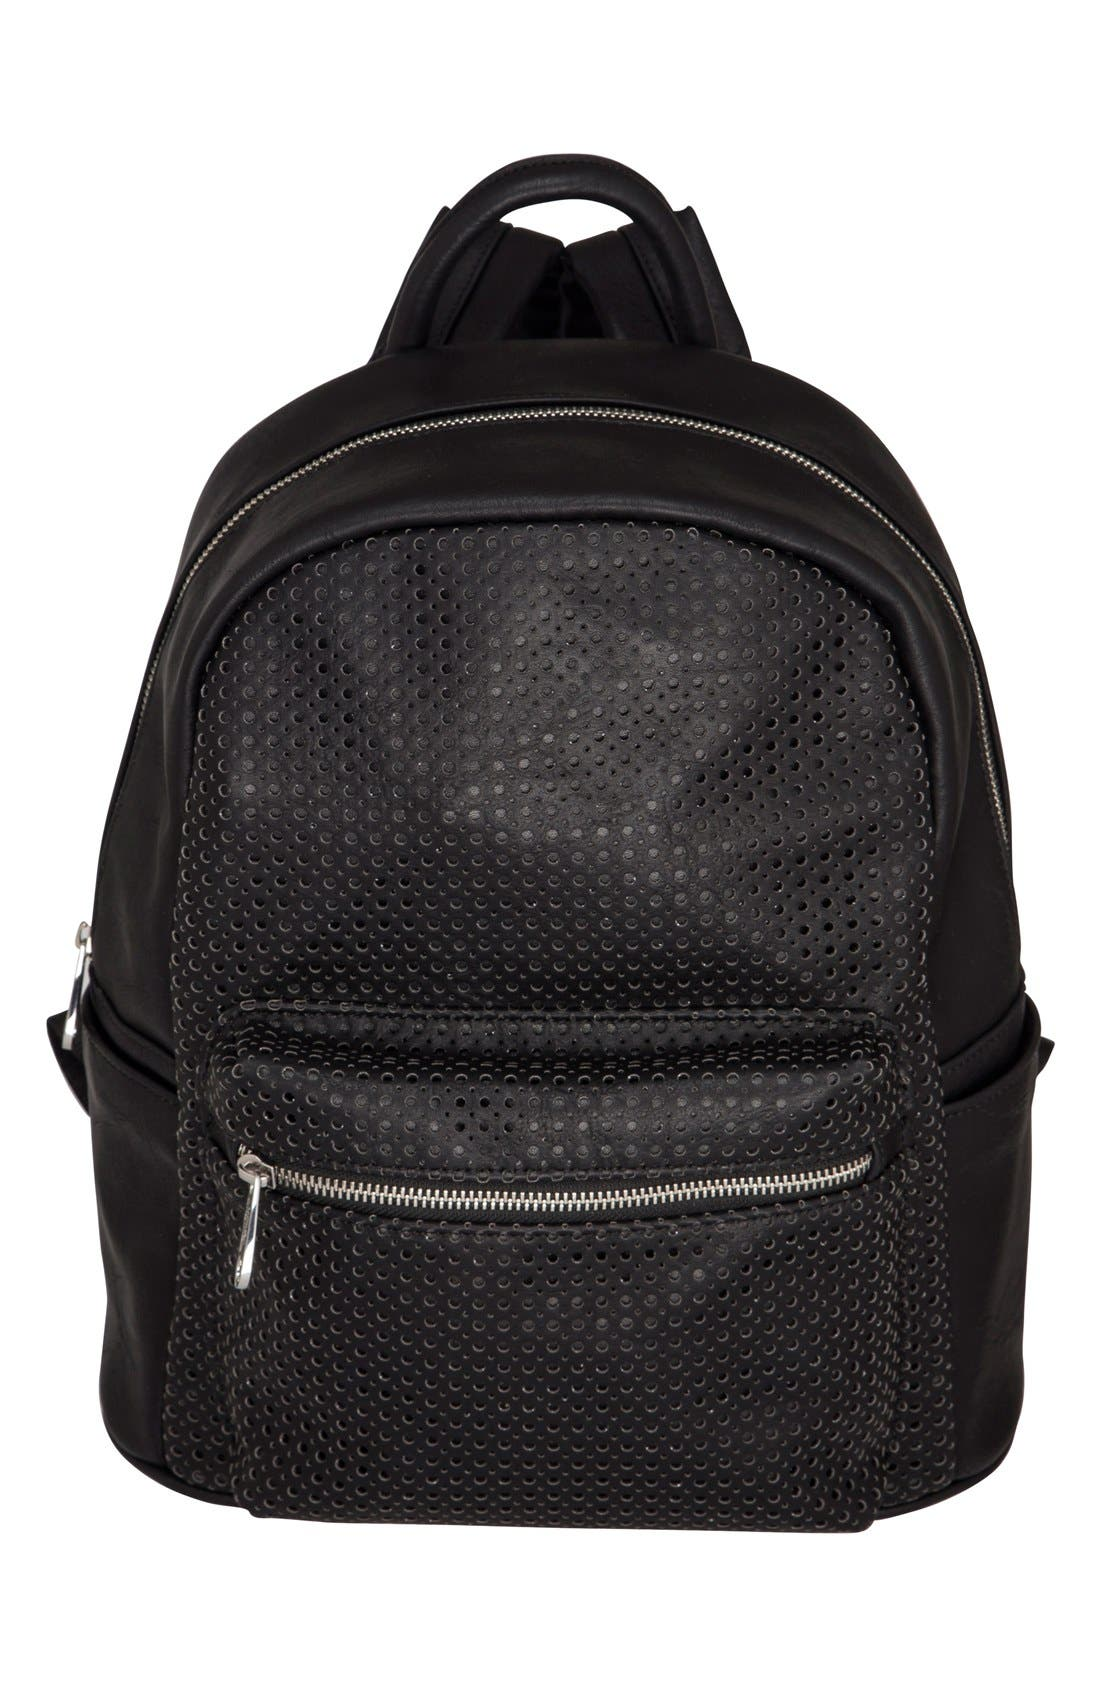 Alternate Image 1 Selected - Urban Originals 'Lola' Perforated Backpack